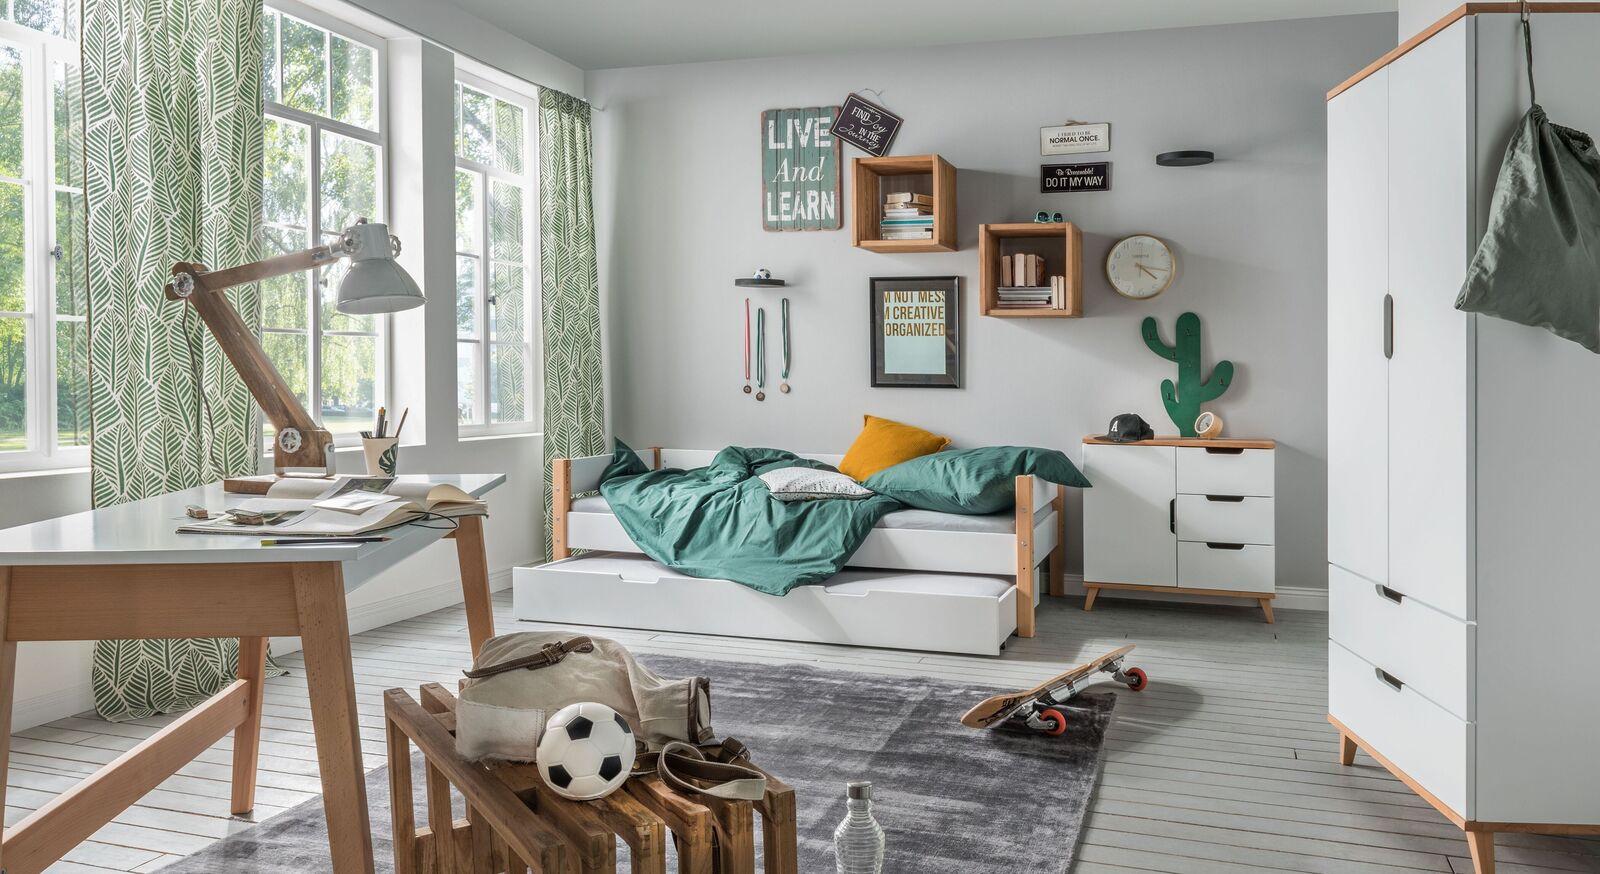 Ausziehbett Kids Nordic mit passenden Kinderzimmermöbeln